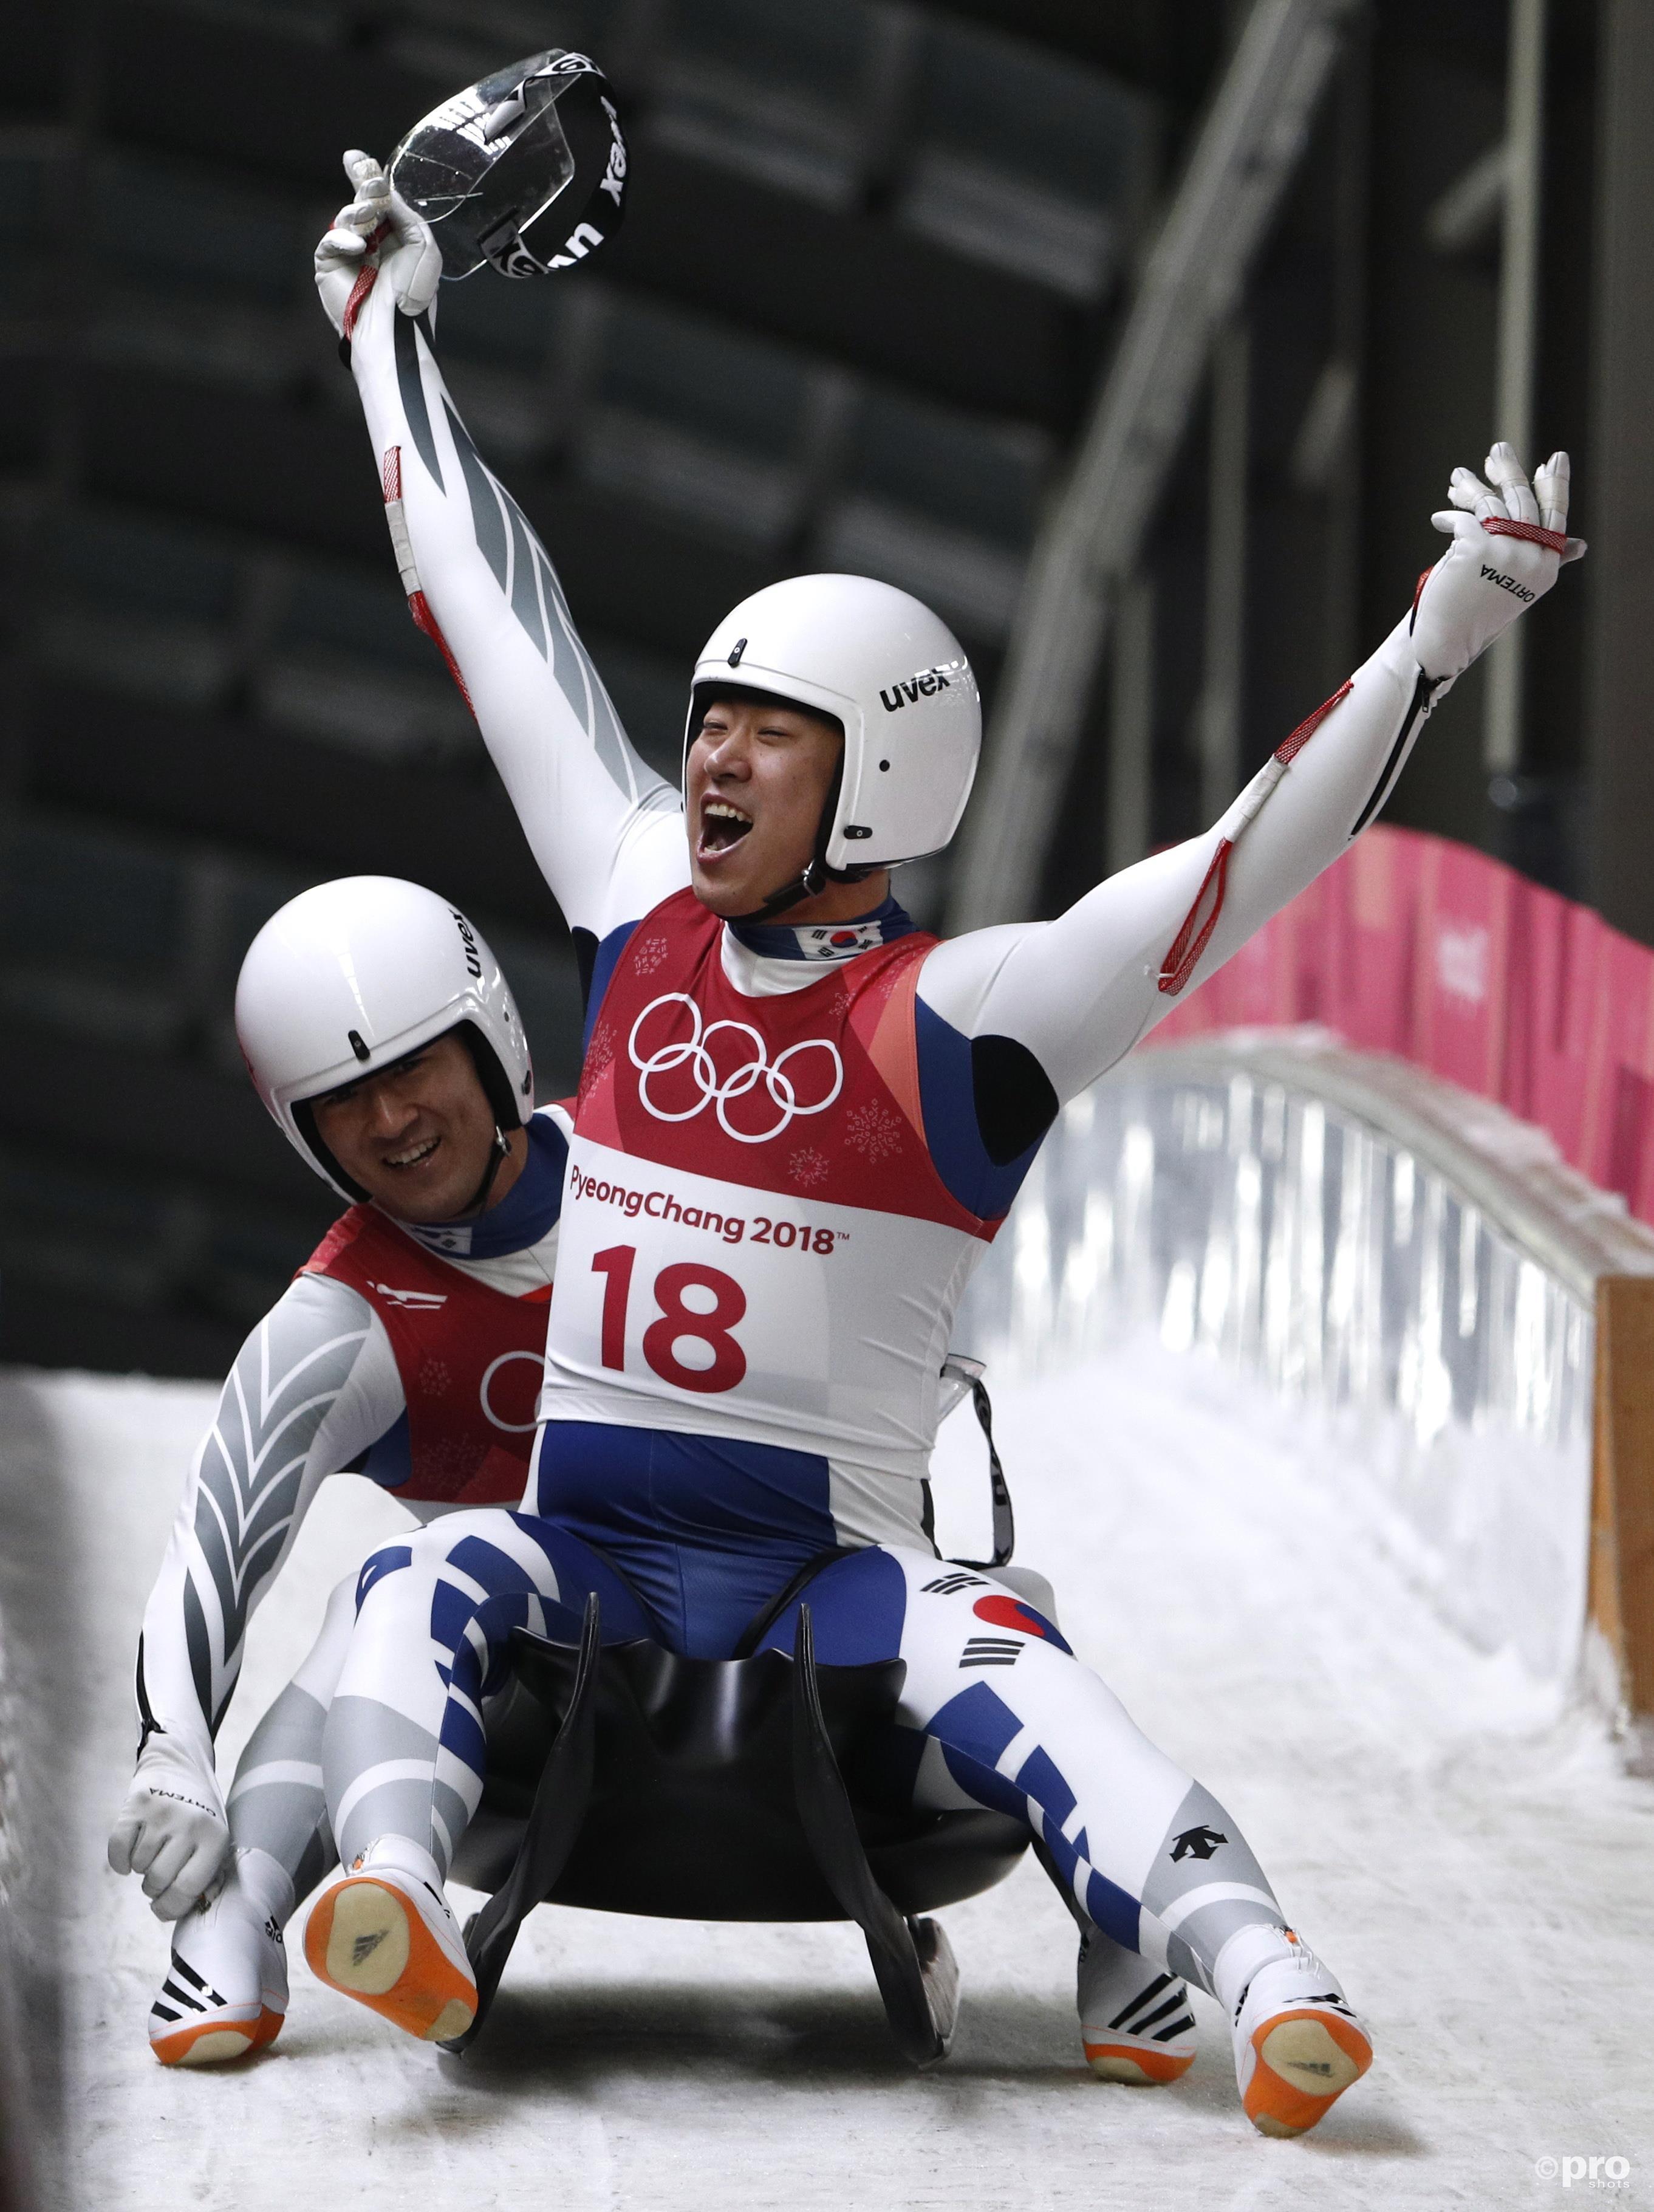 De Zuid-Koreanen Park Jin-yong en Cho Jung-myung konden juichen, net als de thuisfans: nooit haalden ze de top-25 in de World Cup, maar voor eigen publiek was er een negende plek op de Spelen (Pro Shots/Action Images)